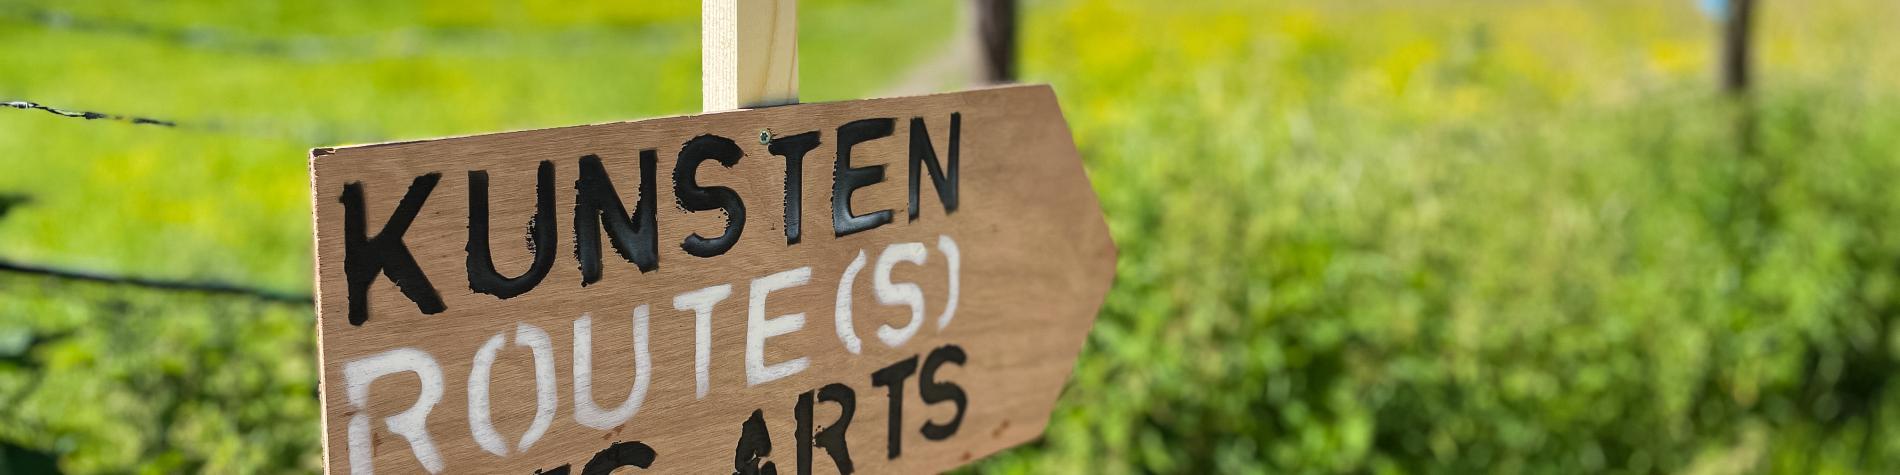 Kunsten Routes des Arts